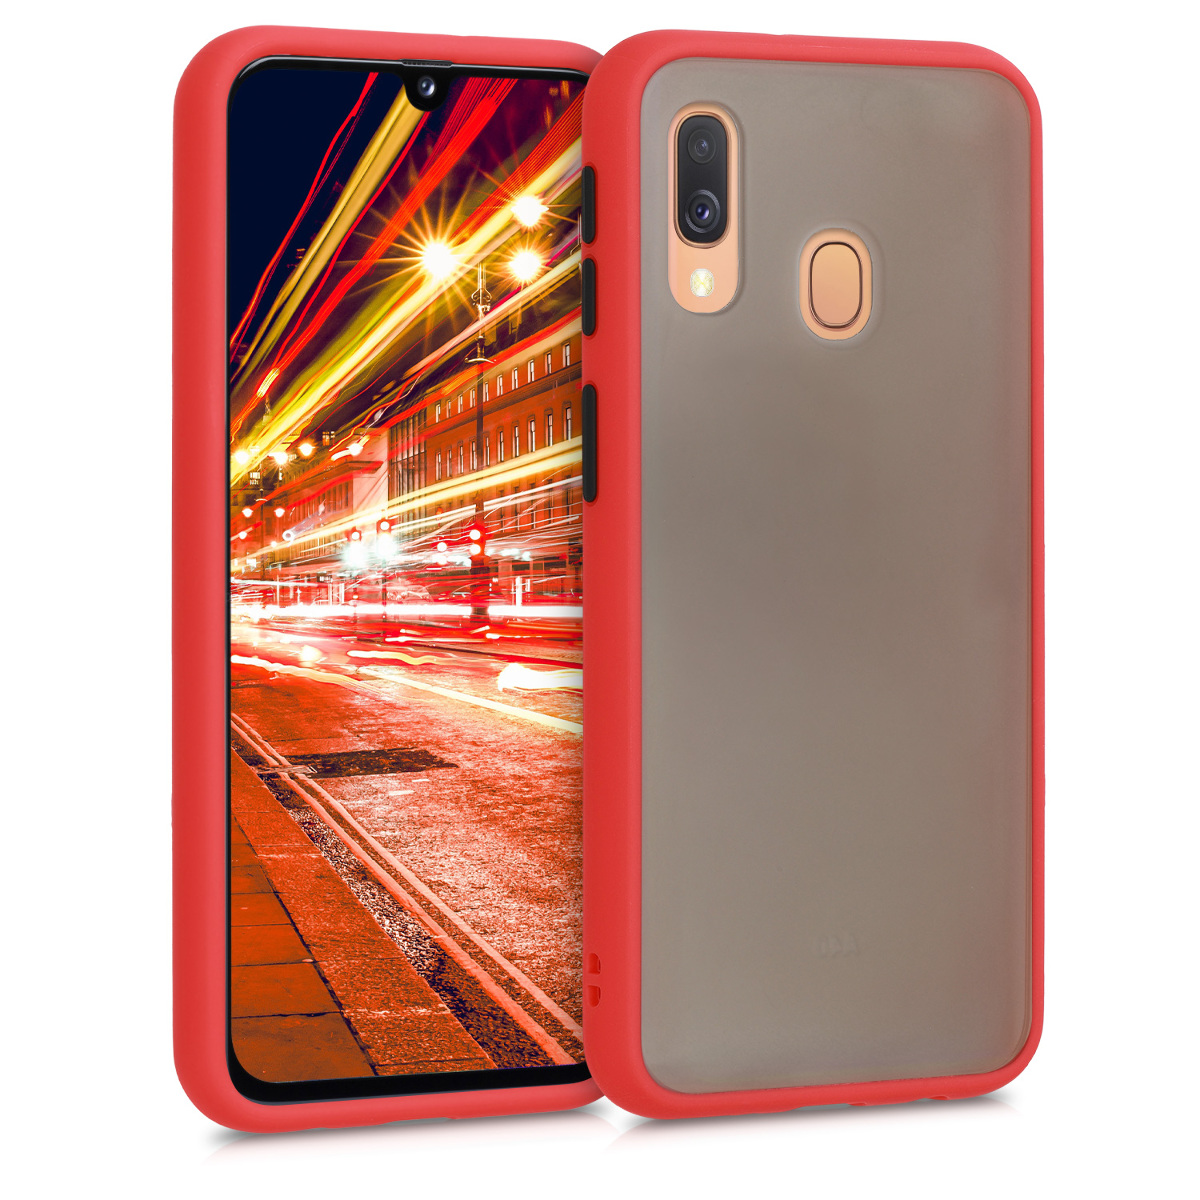 Kvalitní plastové pouzdro pro Samsung A40 - červené / matné transparentní